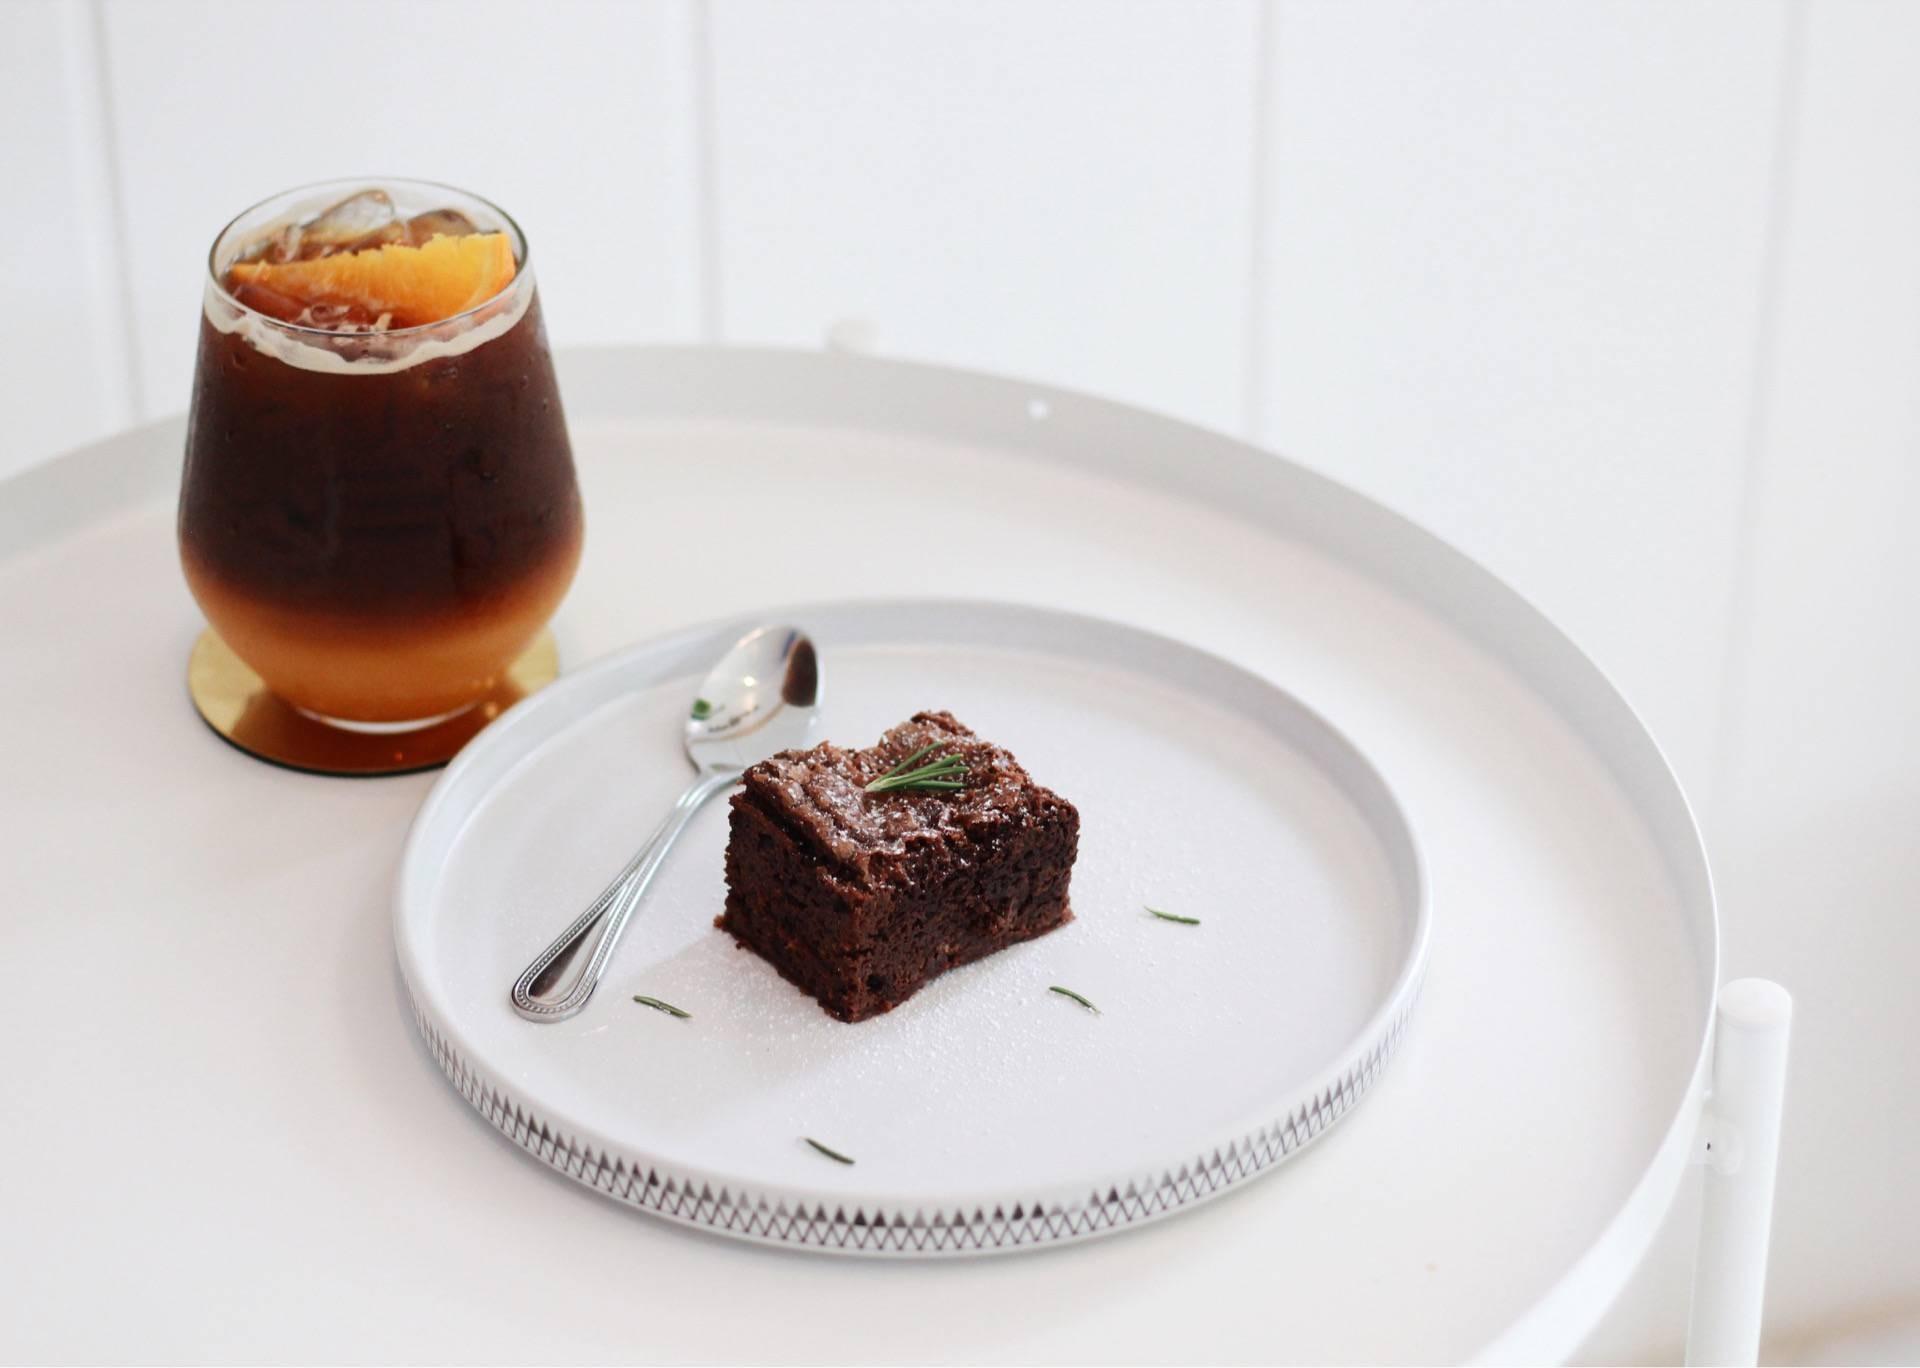 Black orang + Brownie